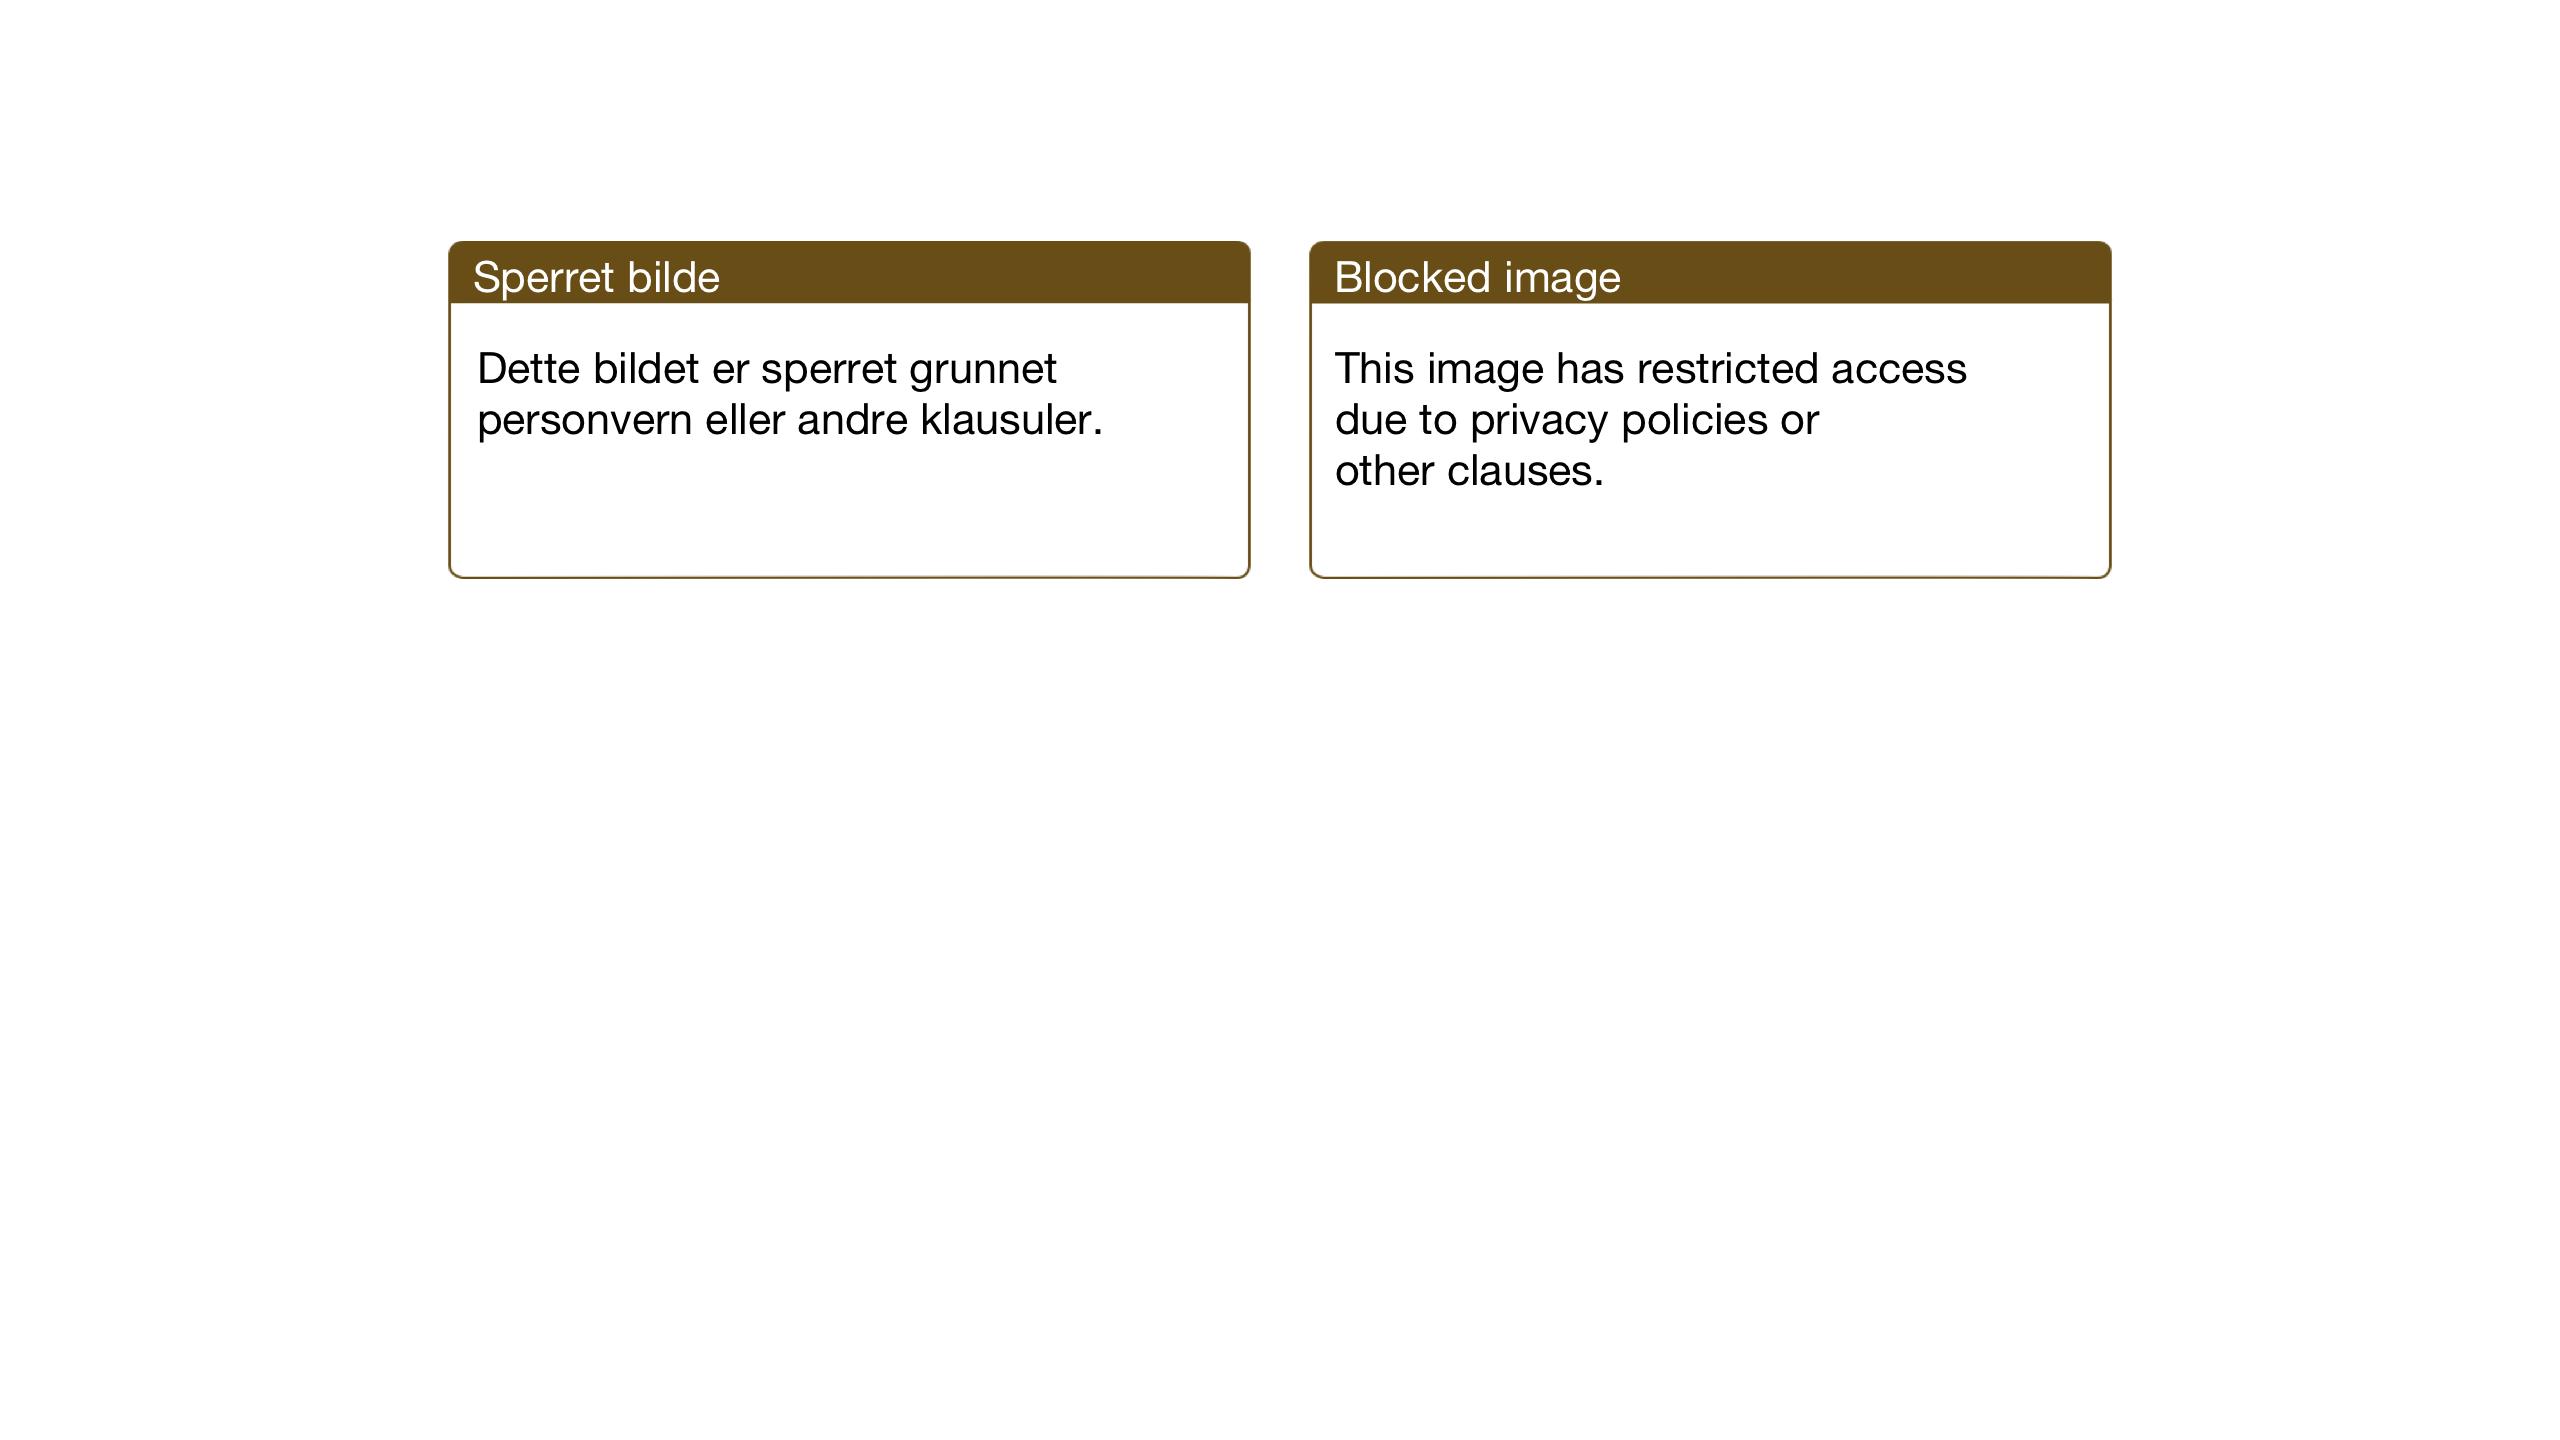 SAT, Ministerialprotokoller, klokkerbøker og fødselsregistre - Sør-Trøndelag, 653/L0658: Klokkerbok nr. 653C02, 1919-1947, s. 89